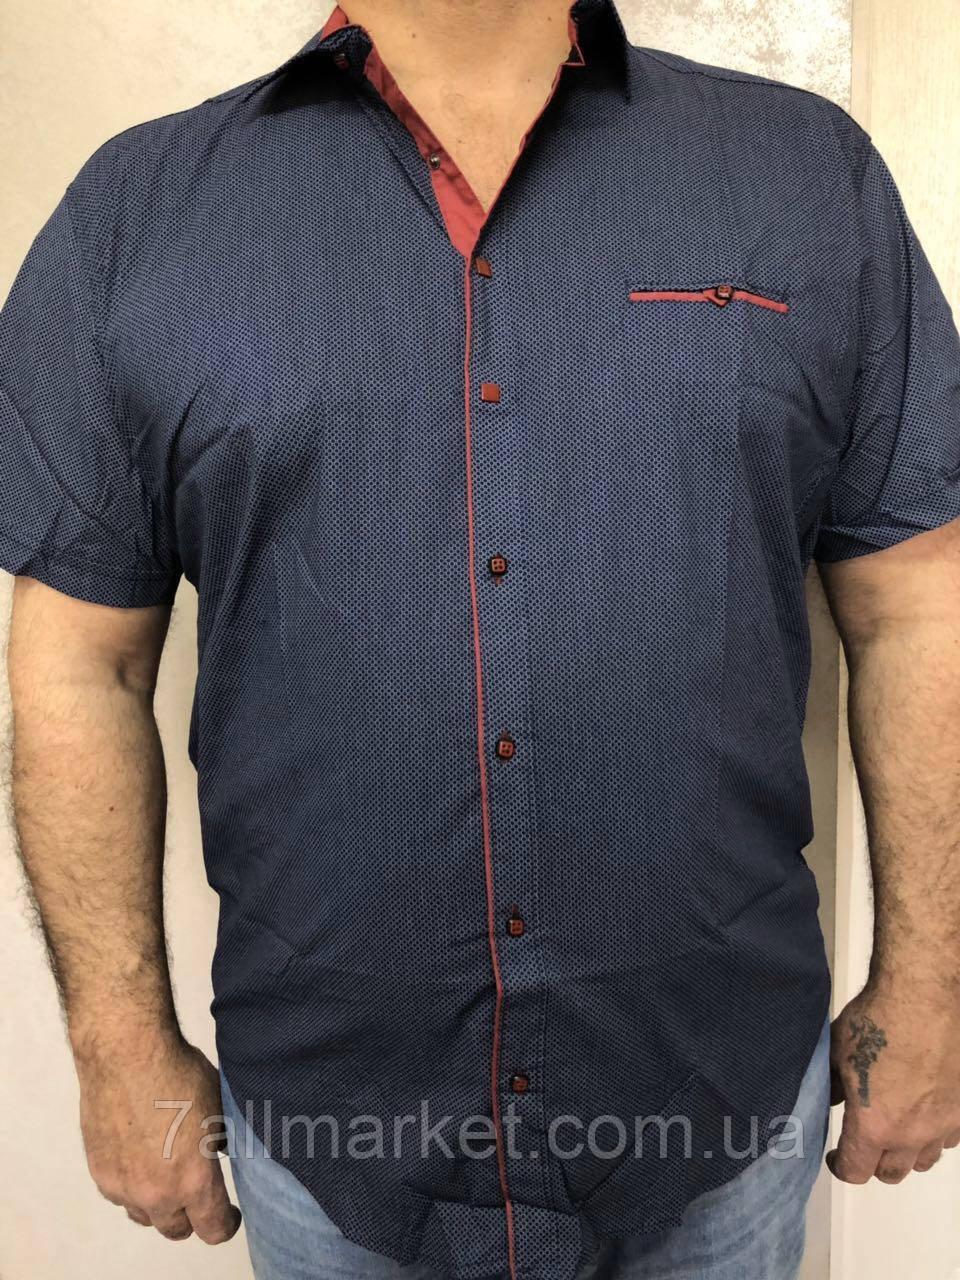 """Рубашка мужская батал короткий рукав, р-ры 3XL-6XL""""EMRE"""" купить недорого от прямого поставщика"""